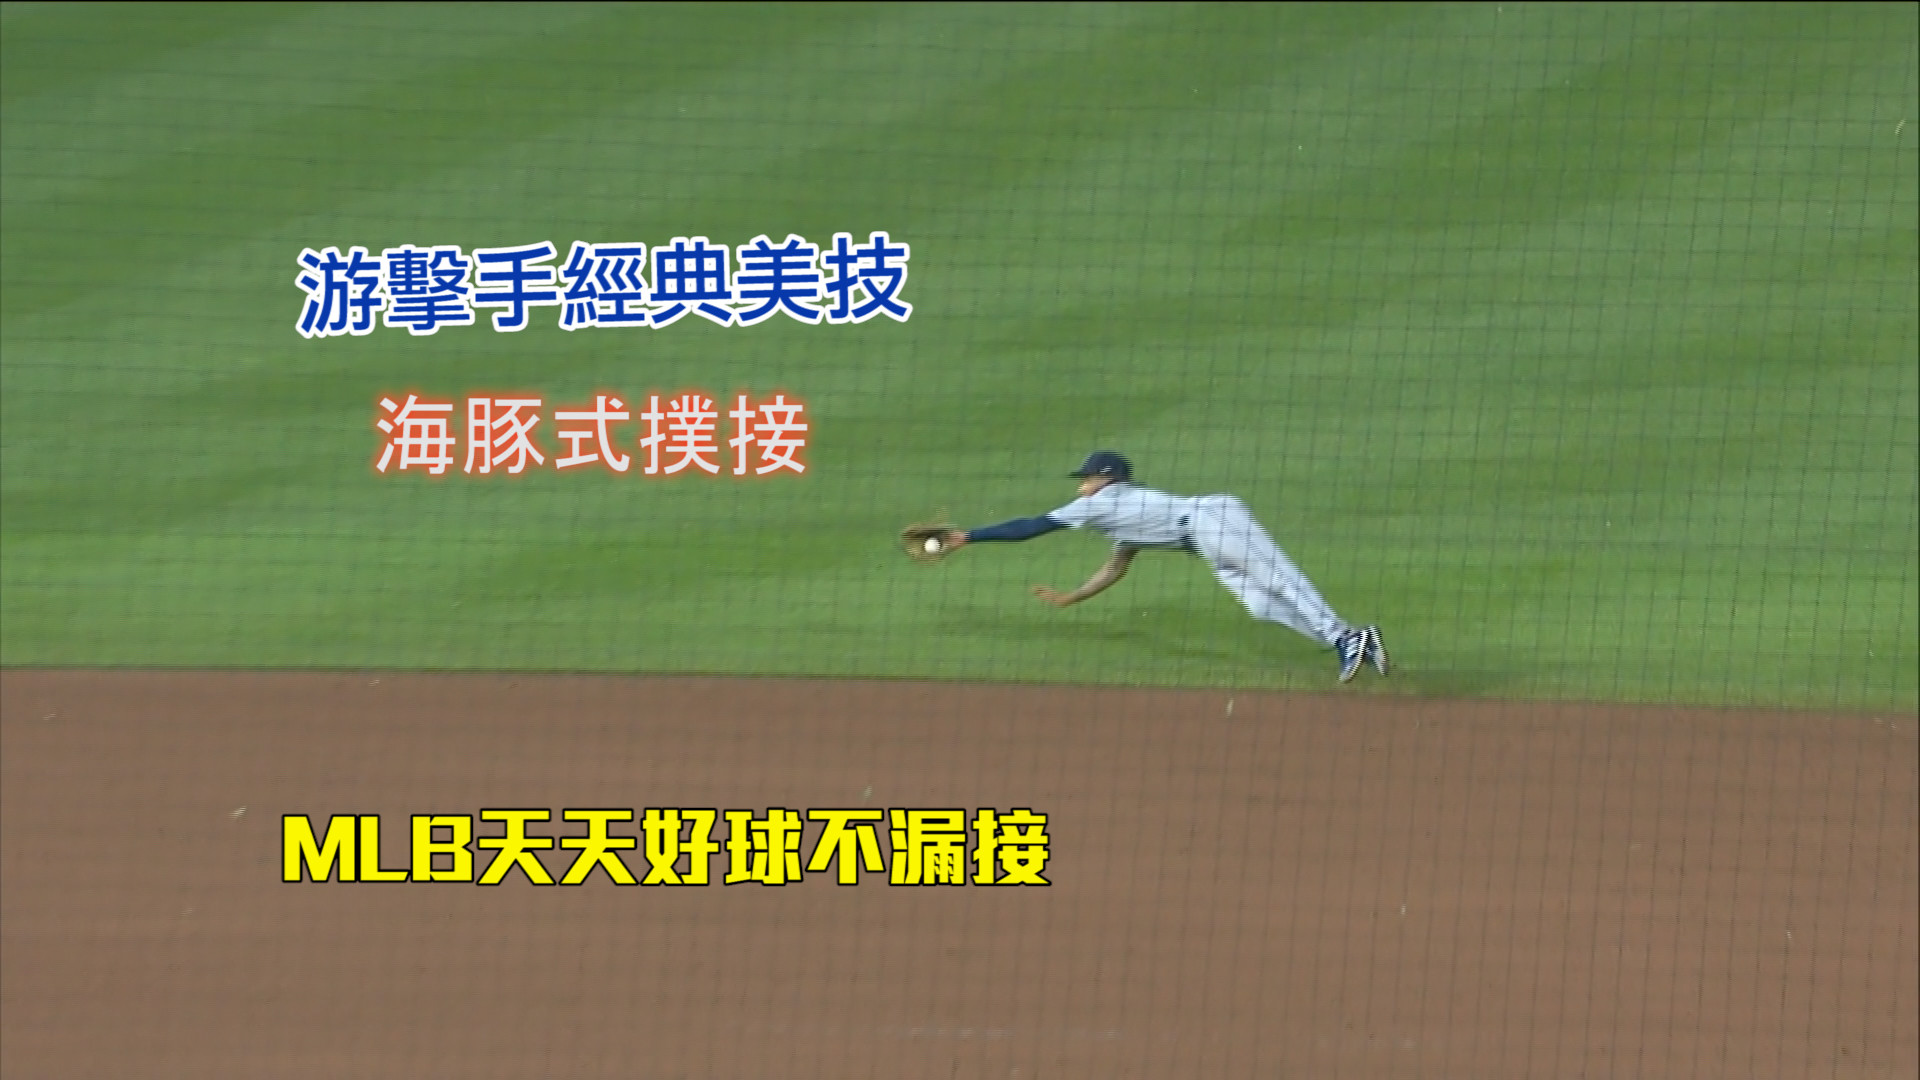 【MLB看愛爾達】台灣時間7月1日 MLB精彩好球集錦 07/01